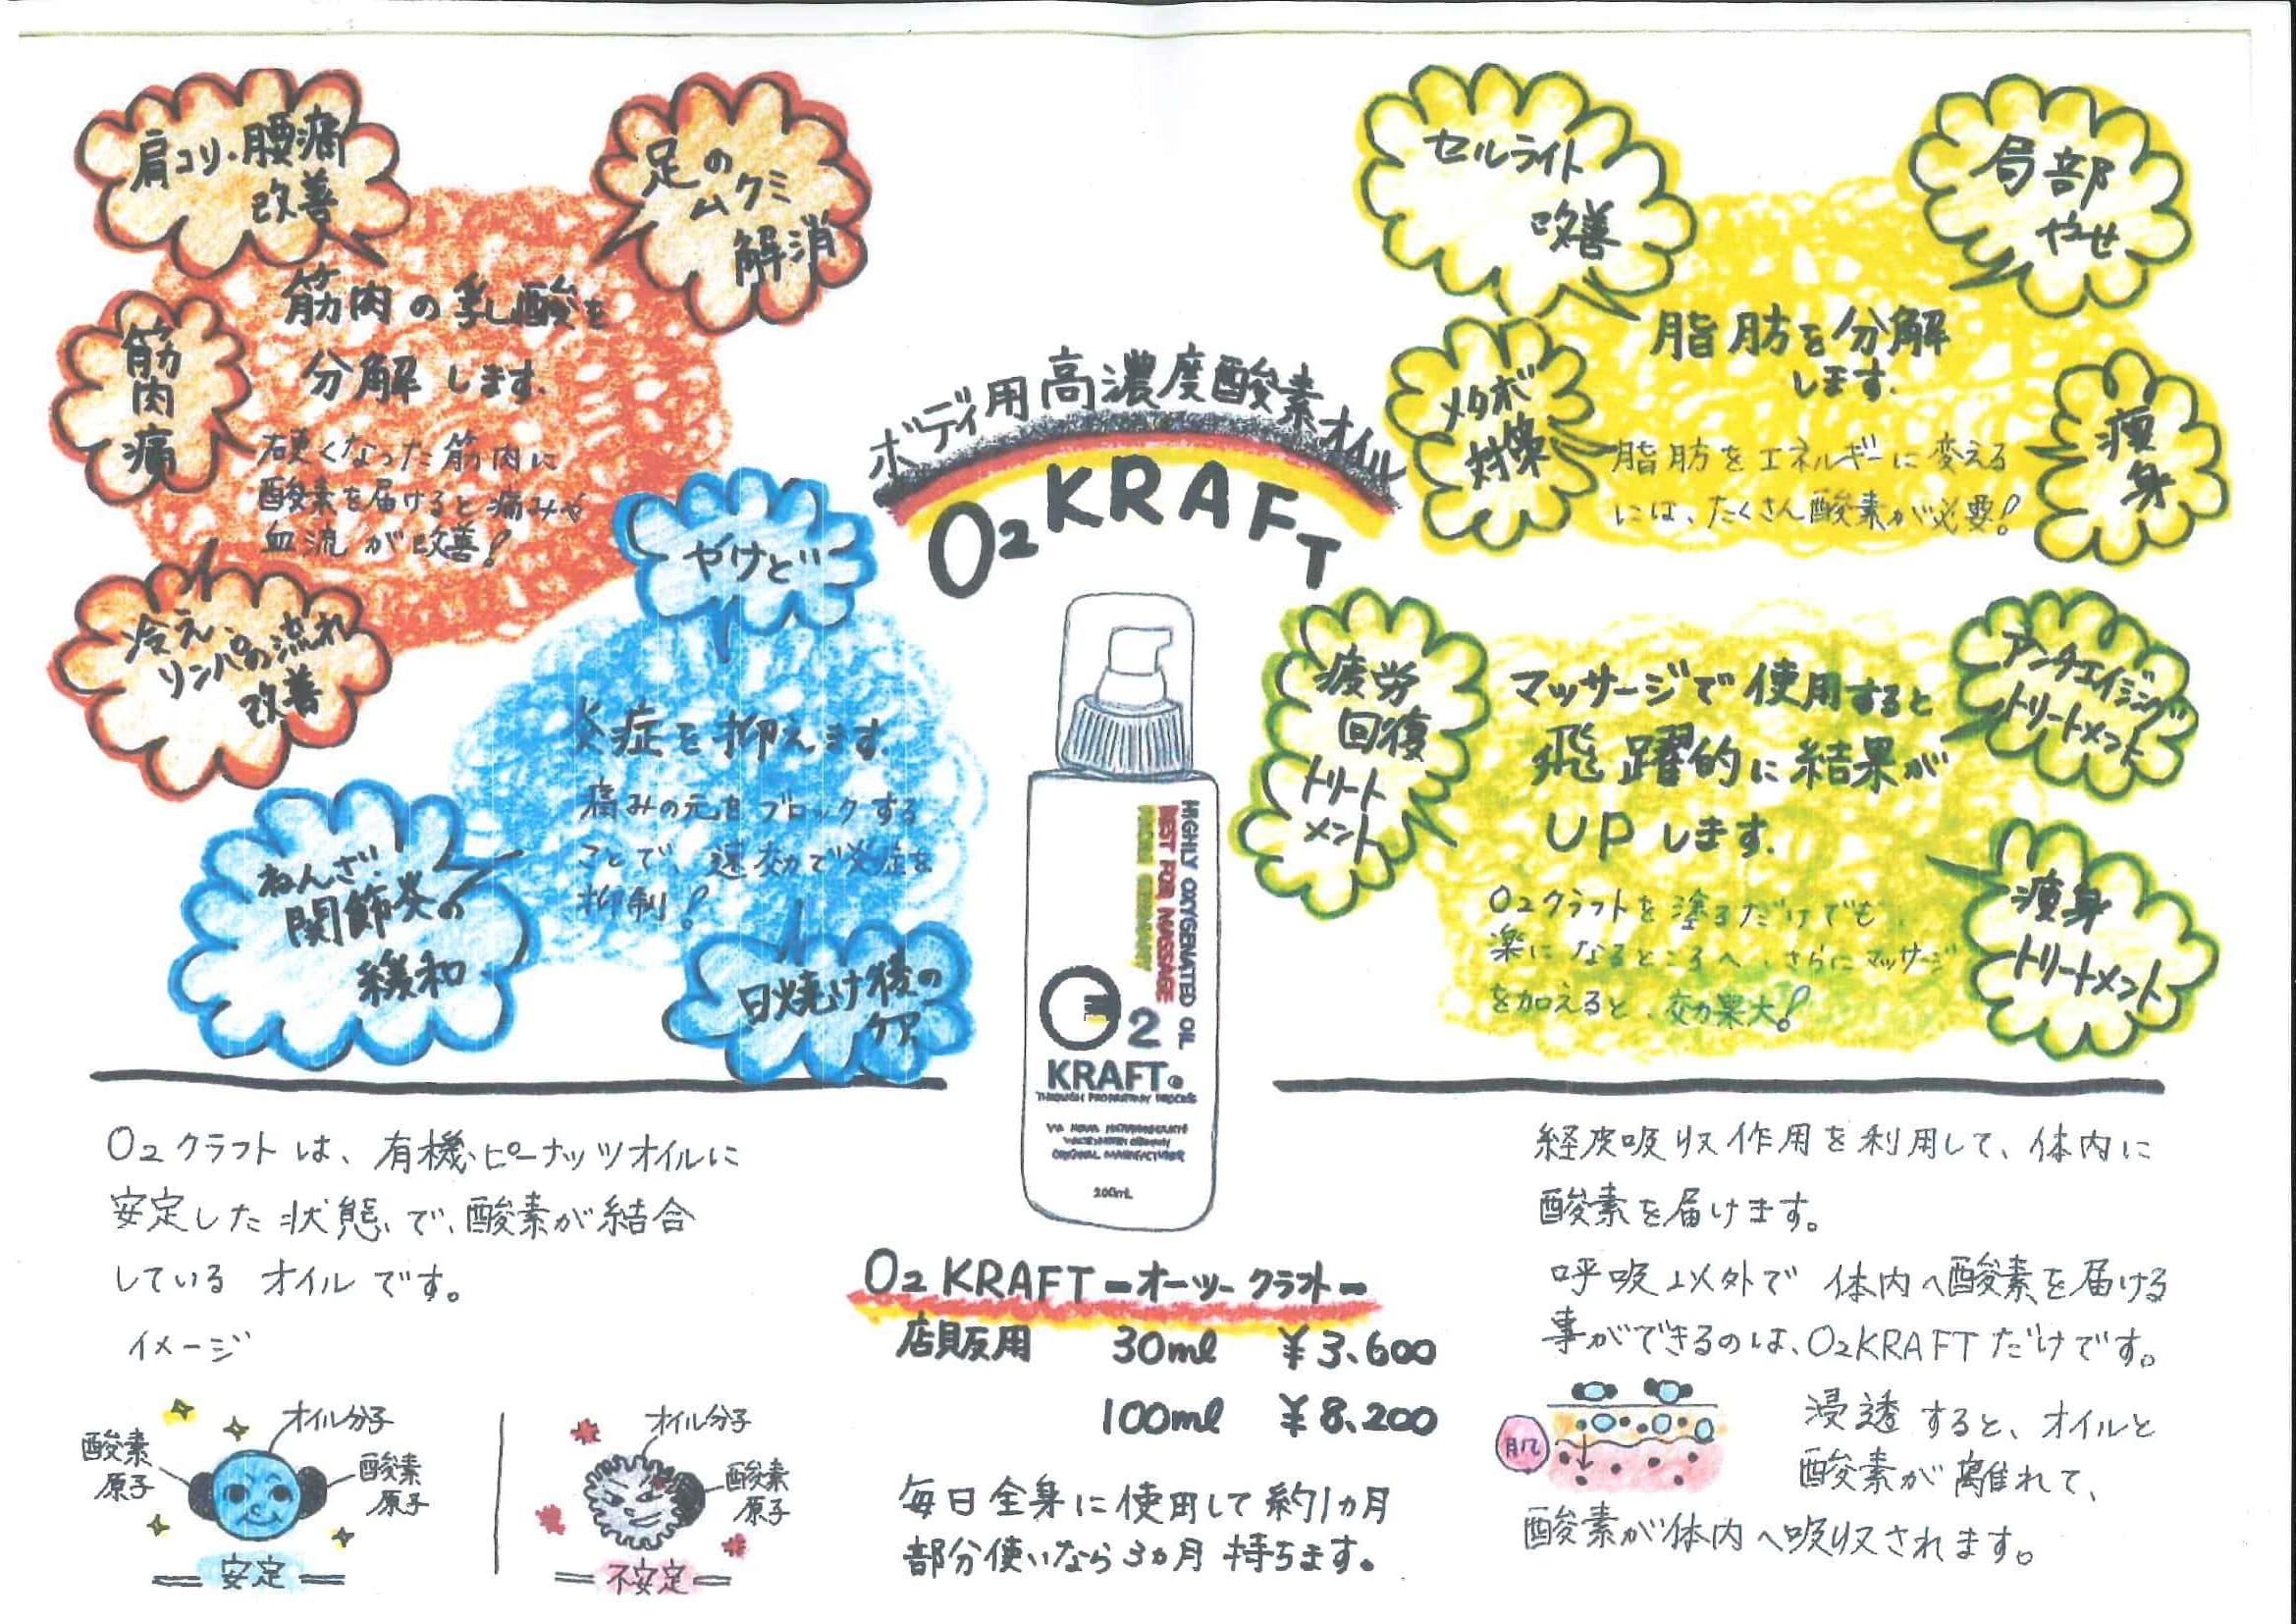 オーツ―クラフト 高濃度酸素ボディオイル おかだ整骨院 愛媛県西予市